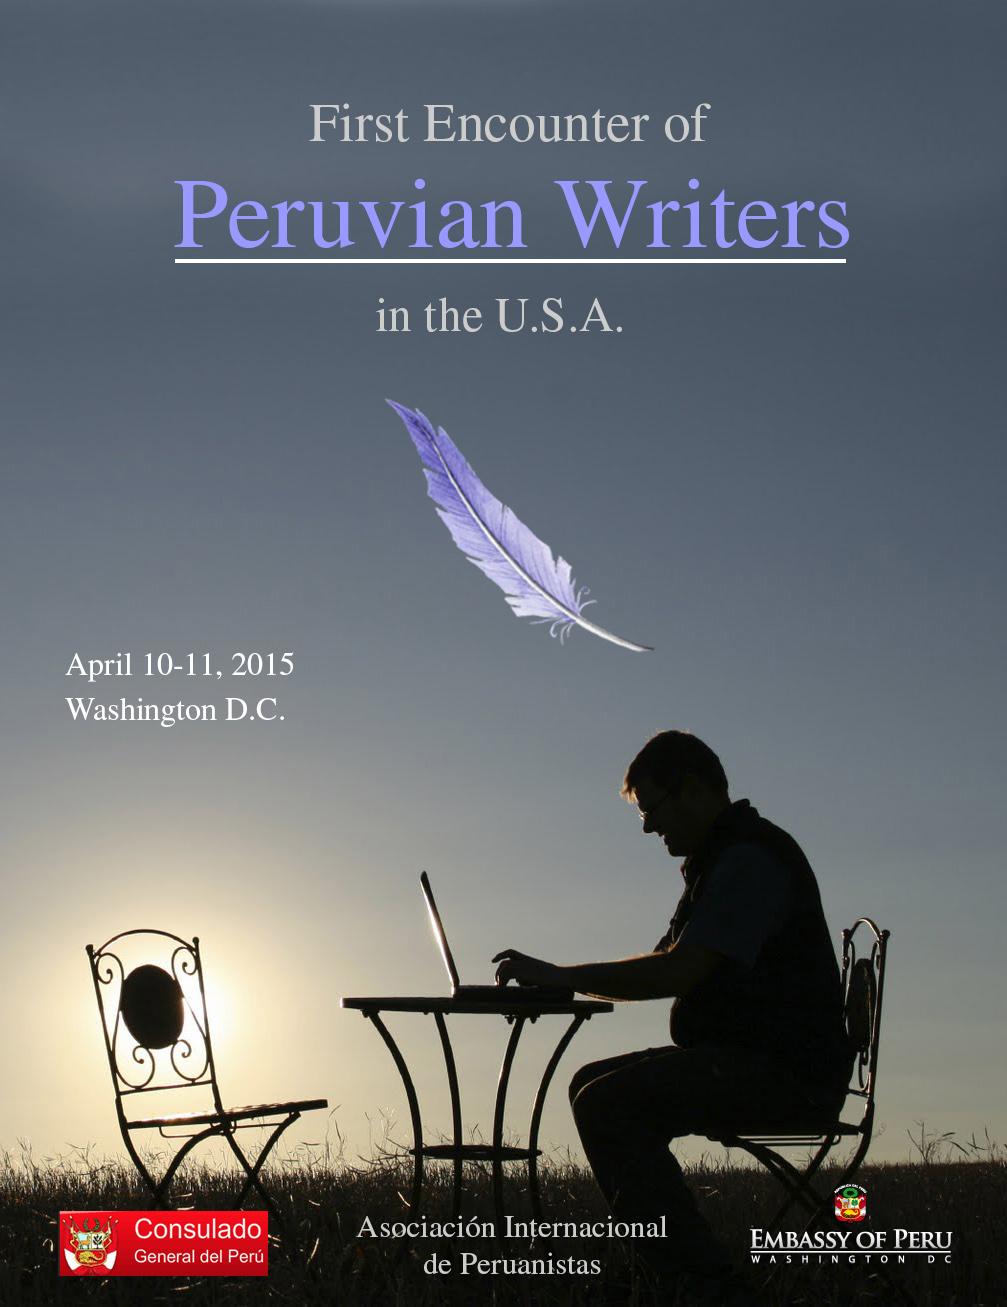 Primer encuentro de escritores peruanos - version final en Ingles.jpg